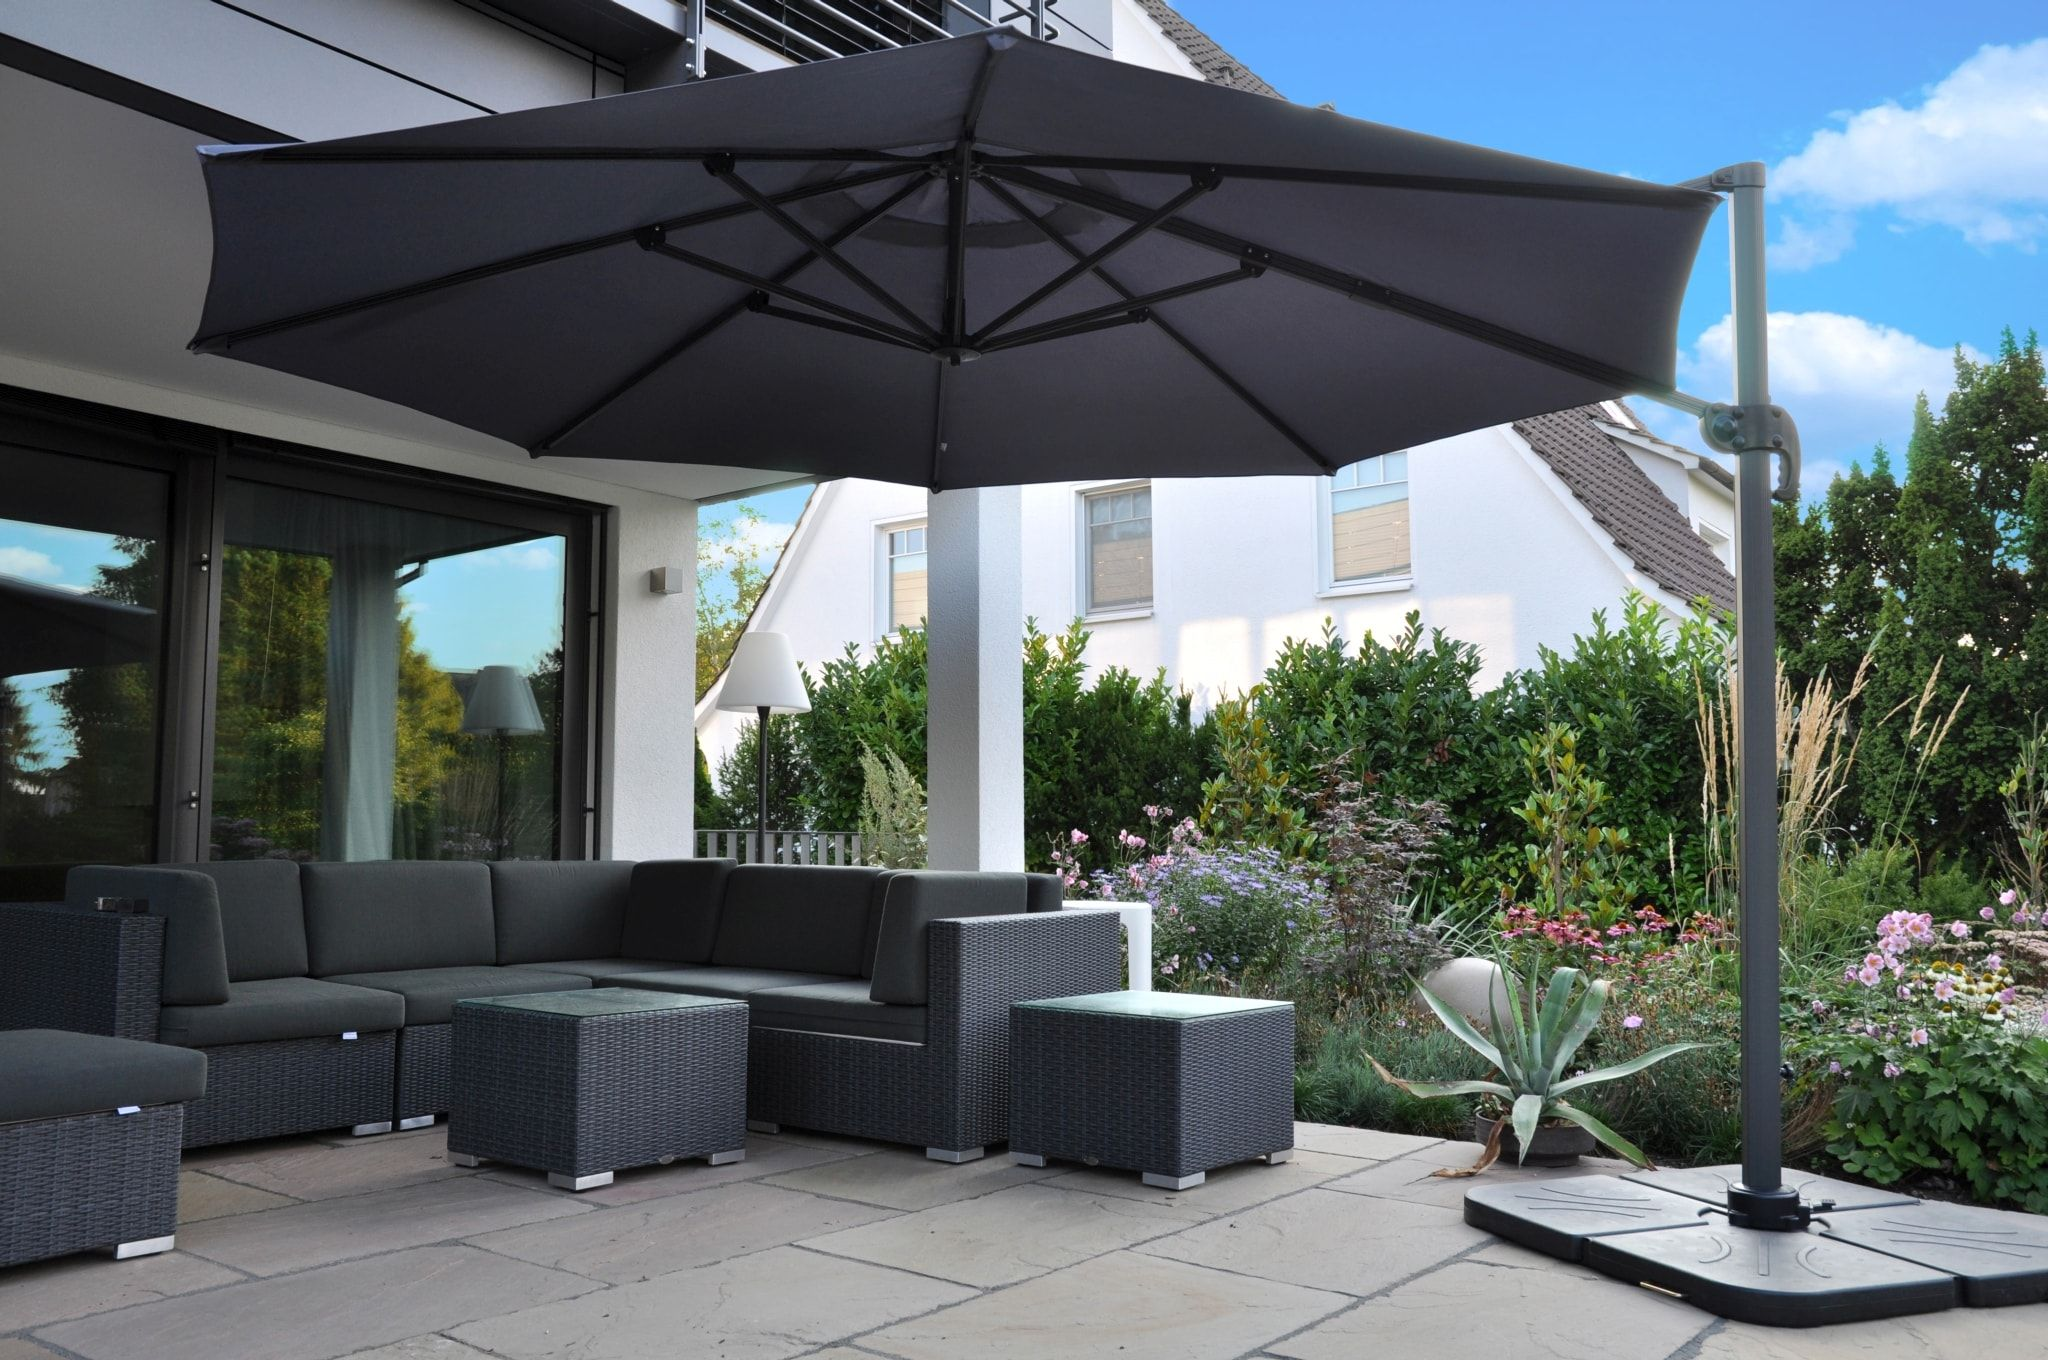 Moderner Ampelschirm Fur Terrasse Um 360 Schwenkbar Zangenberg Monaco Freiarmschirm Ampelschirm Terassenideen Schirm